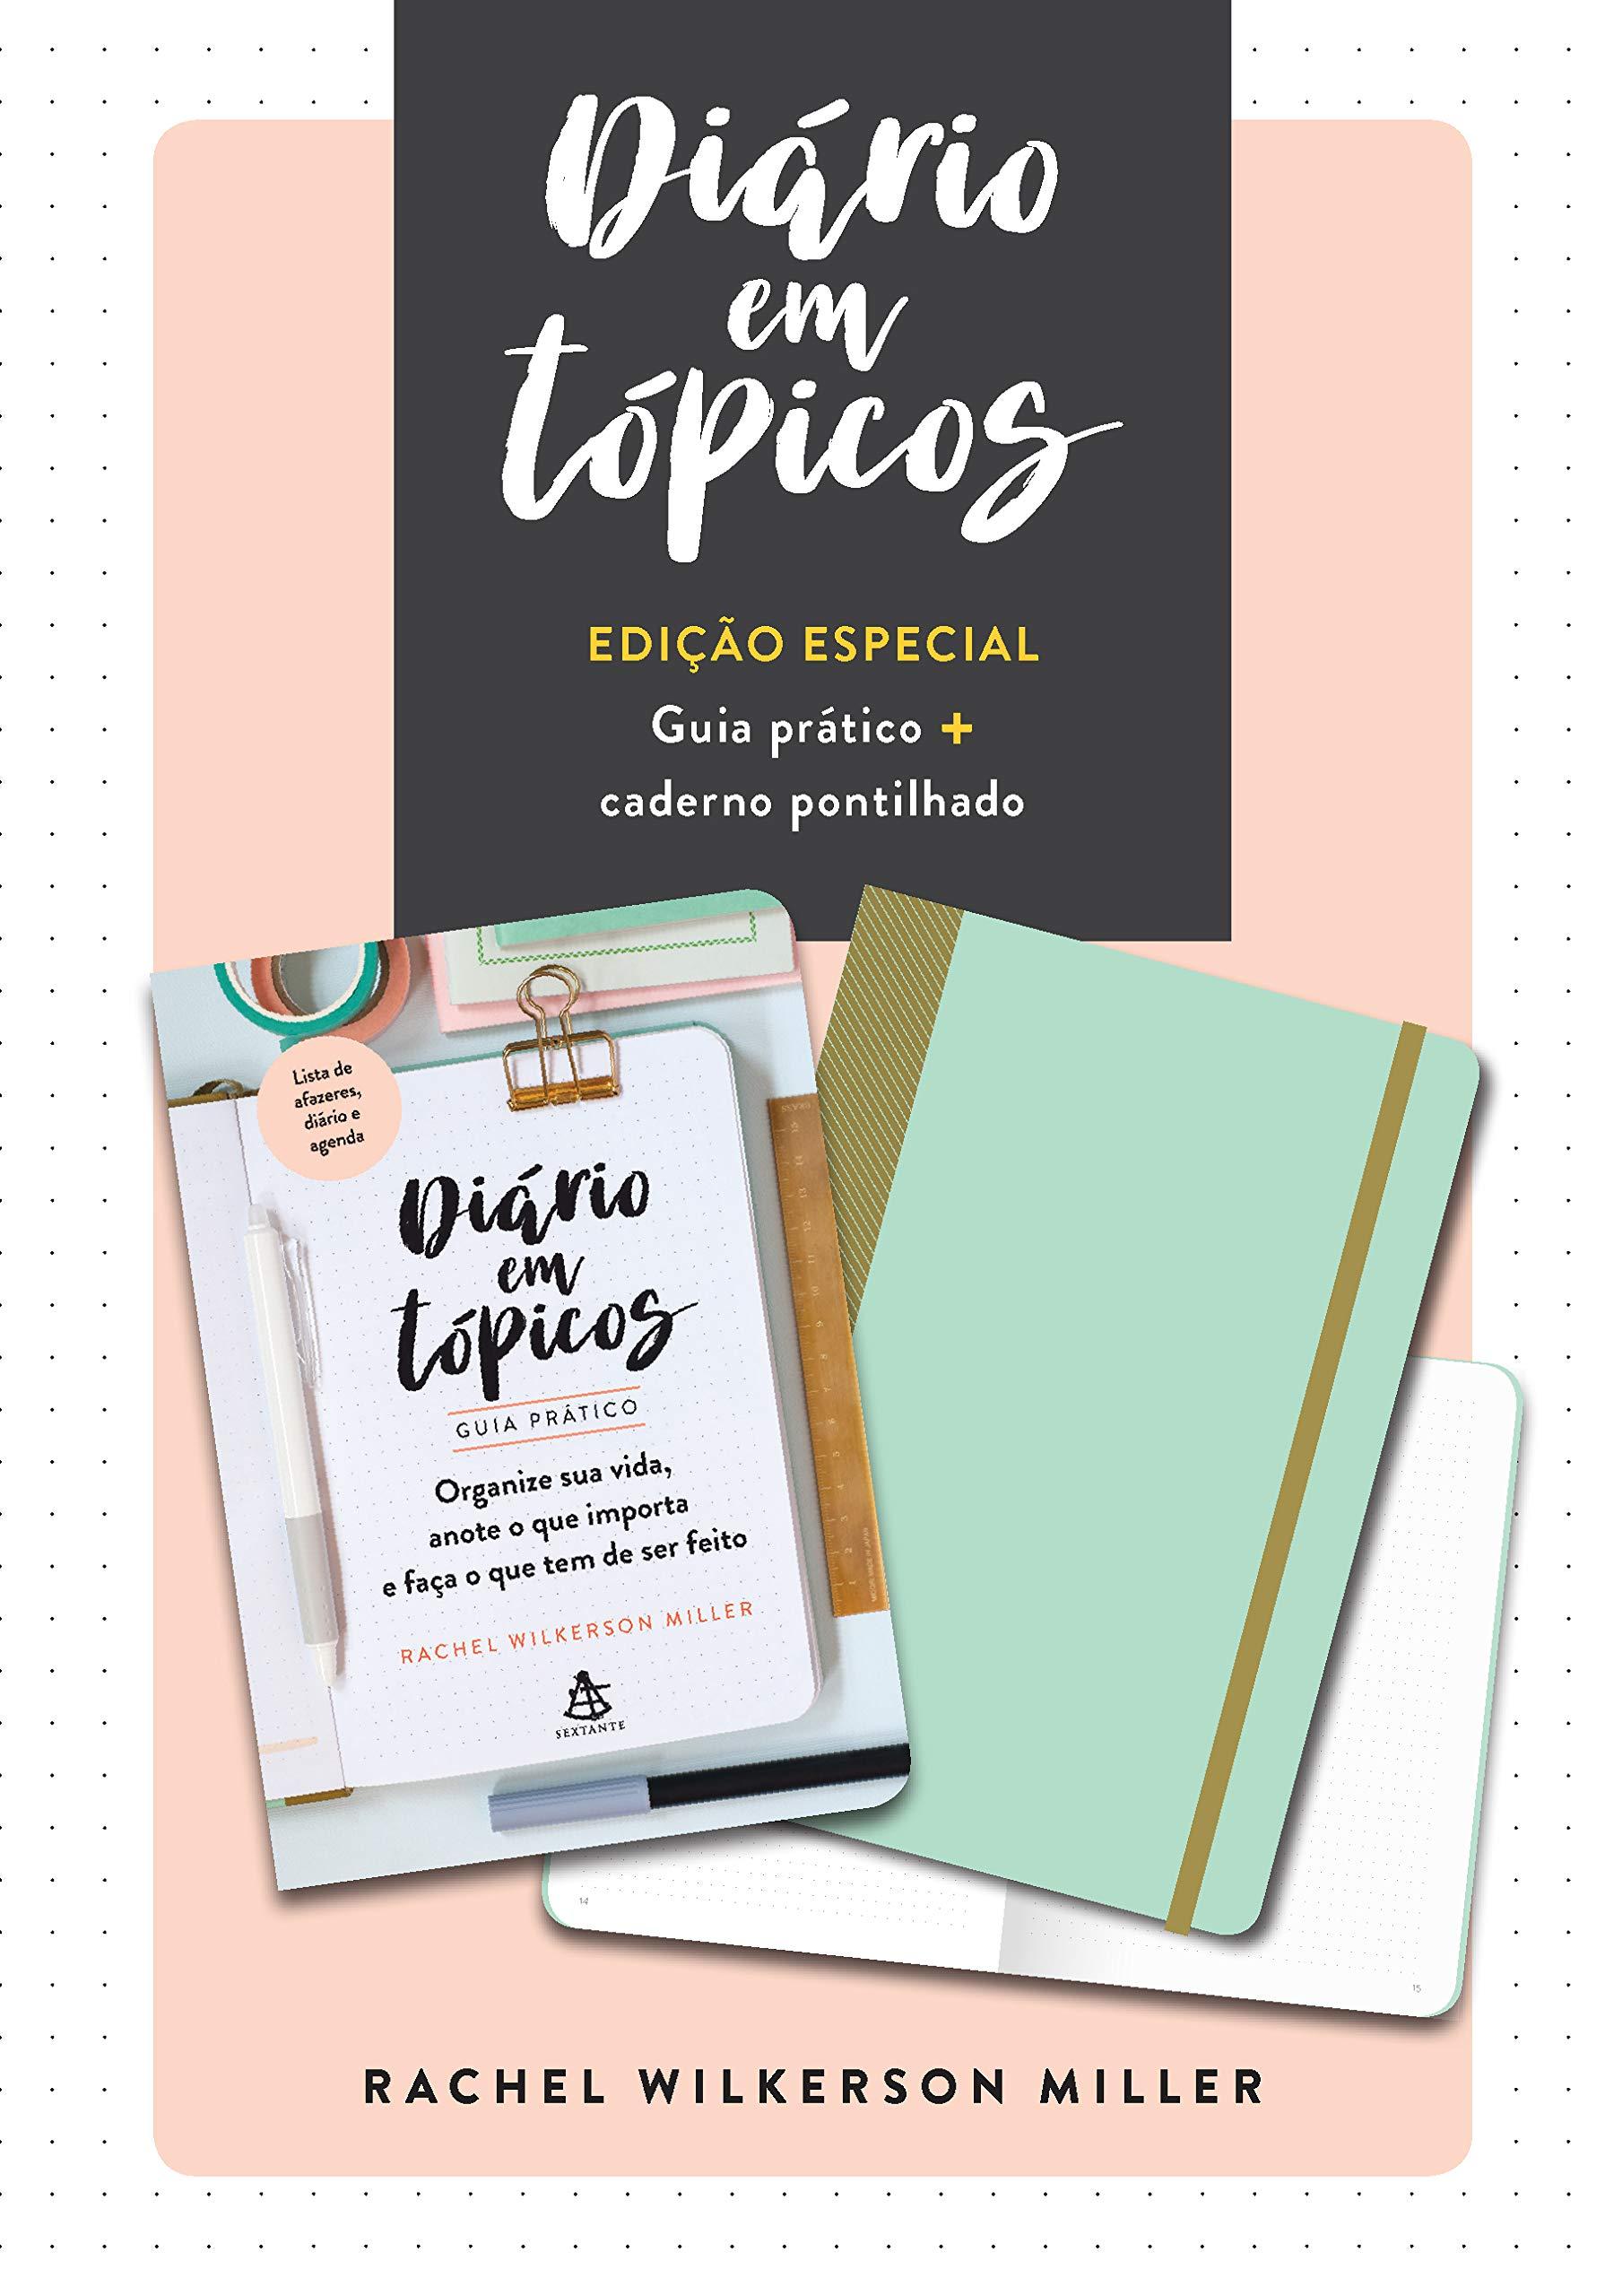 Diario em Topicos - Edicao especial com guia pratico e ...